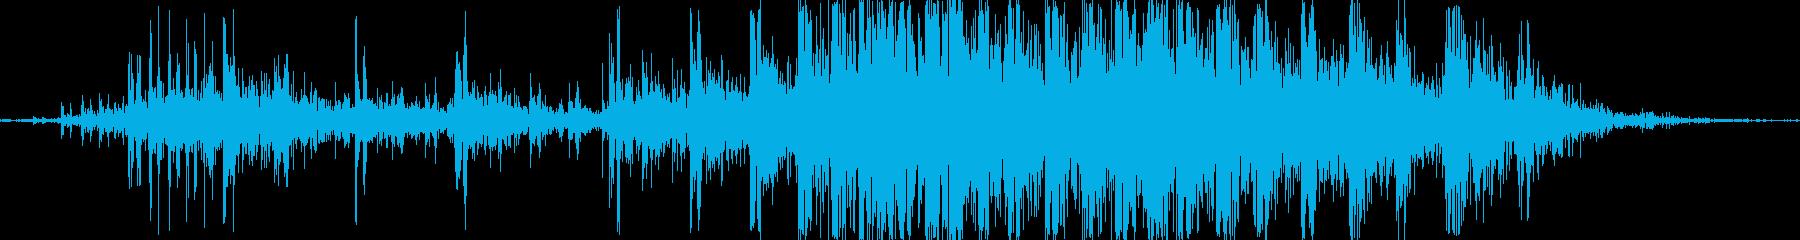 グッギィ。床・廊下などが軋む音の再生済みの波形